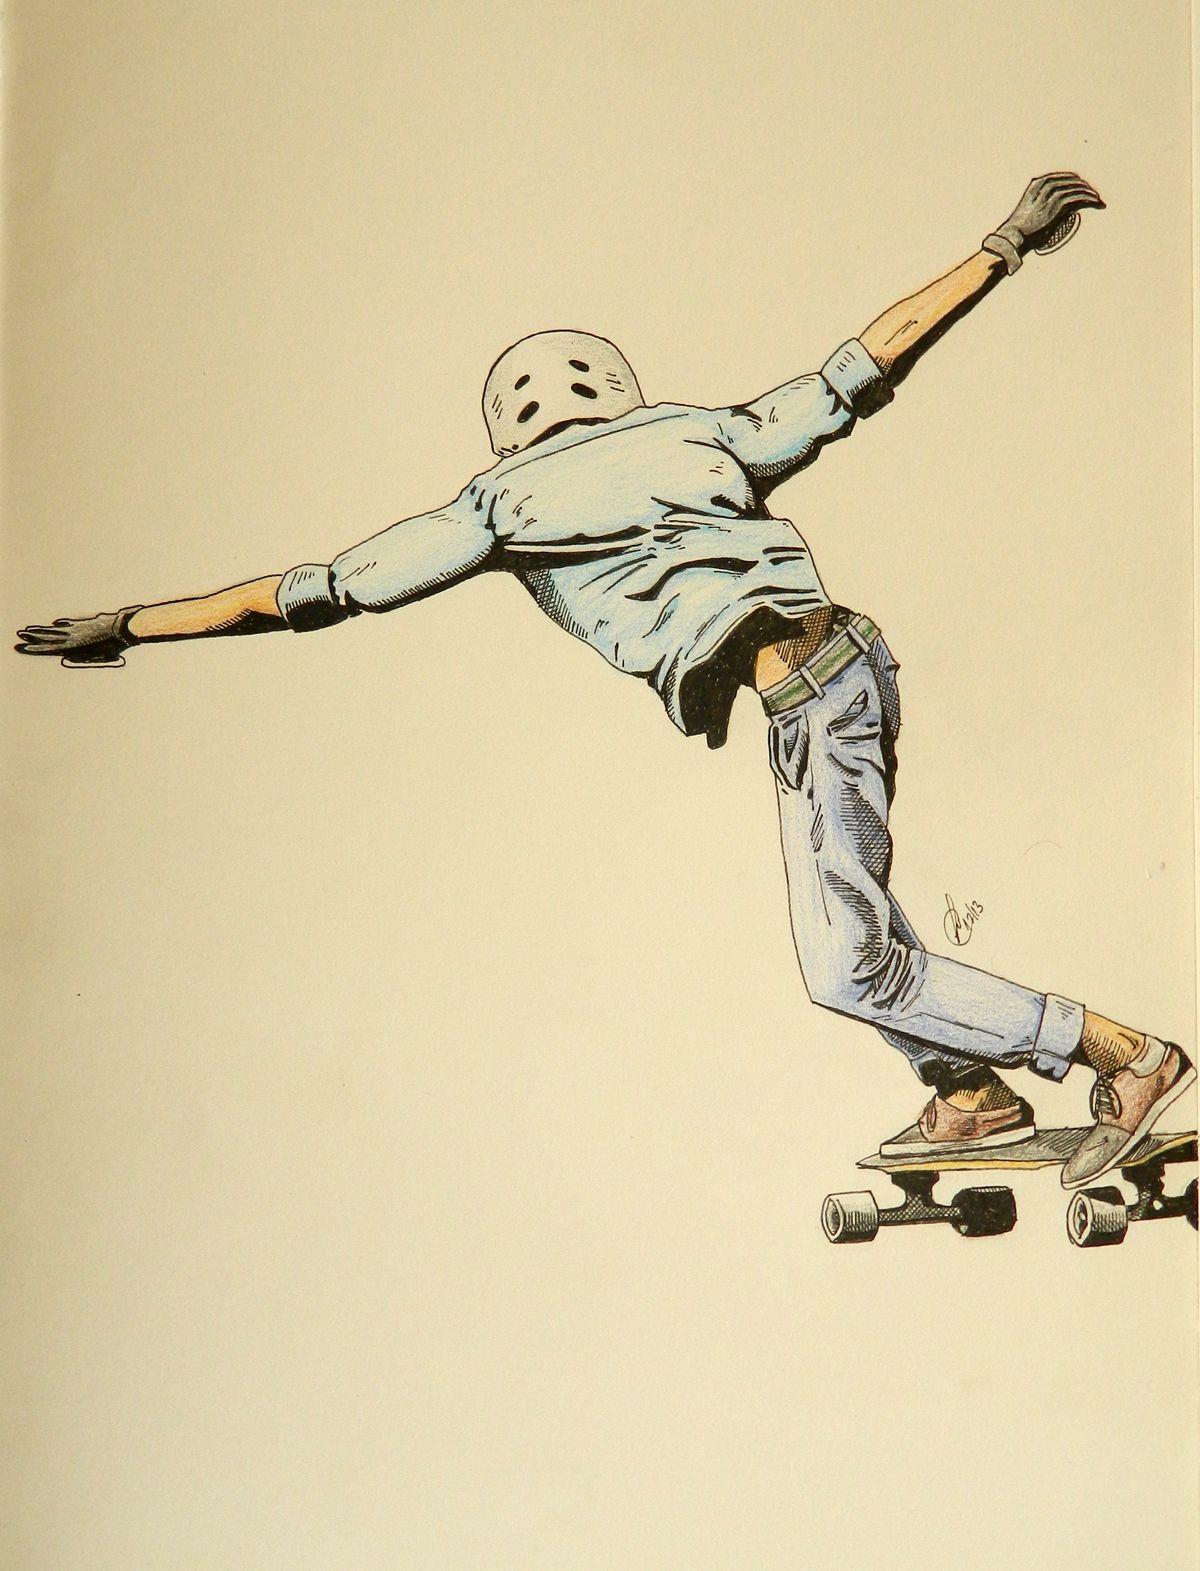 skate arte skateboarding pinterest skate desenhos infantis e